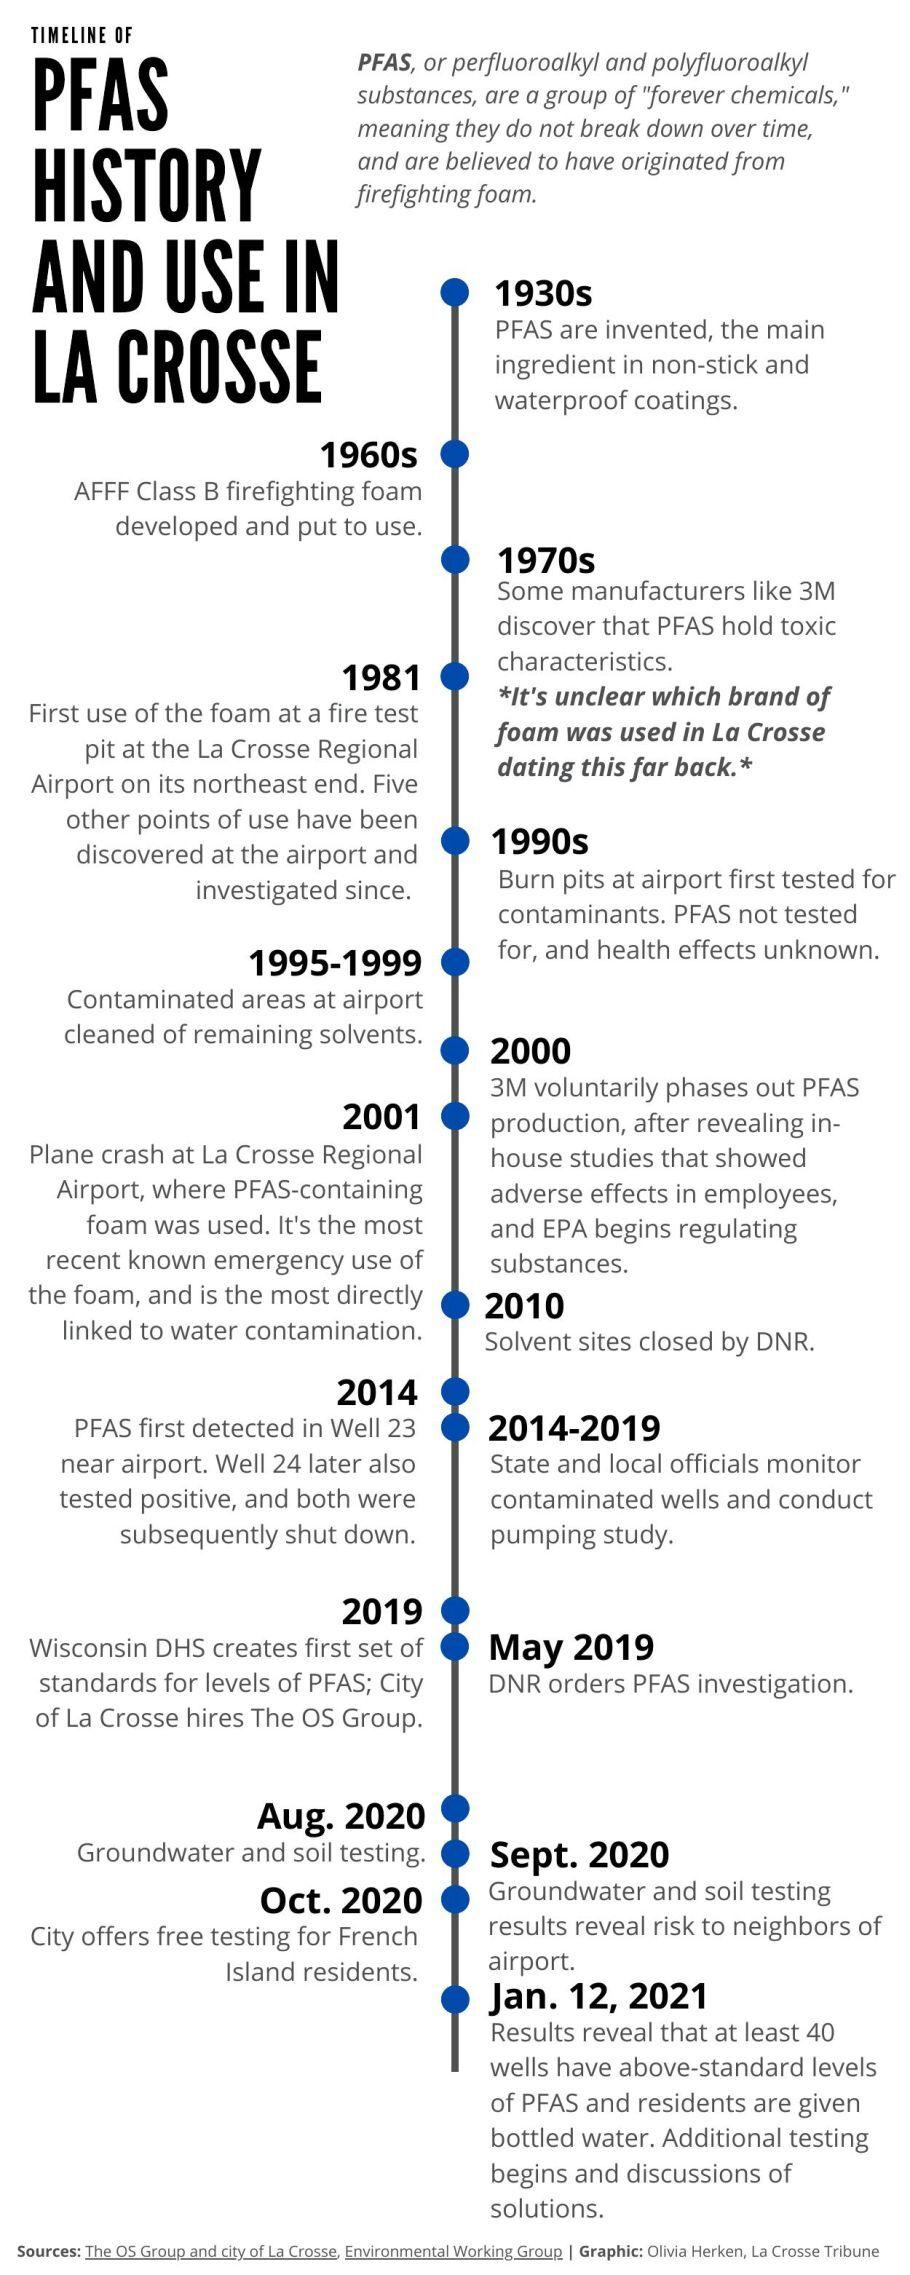 Timeline of PFAS in La Crosse